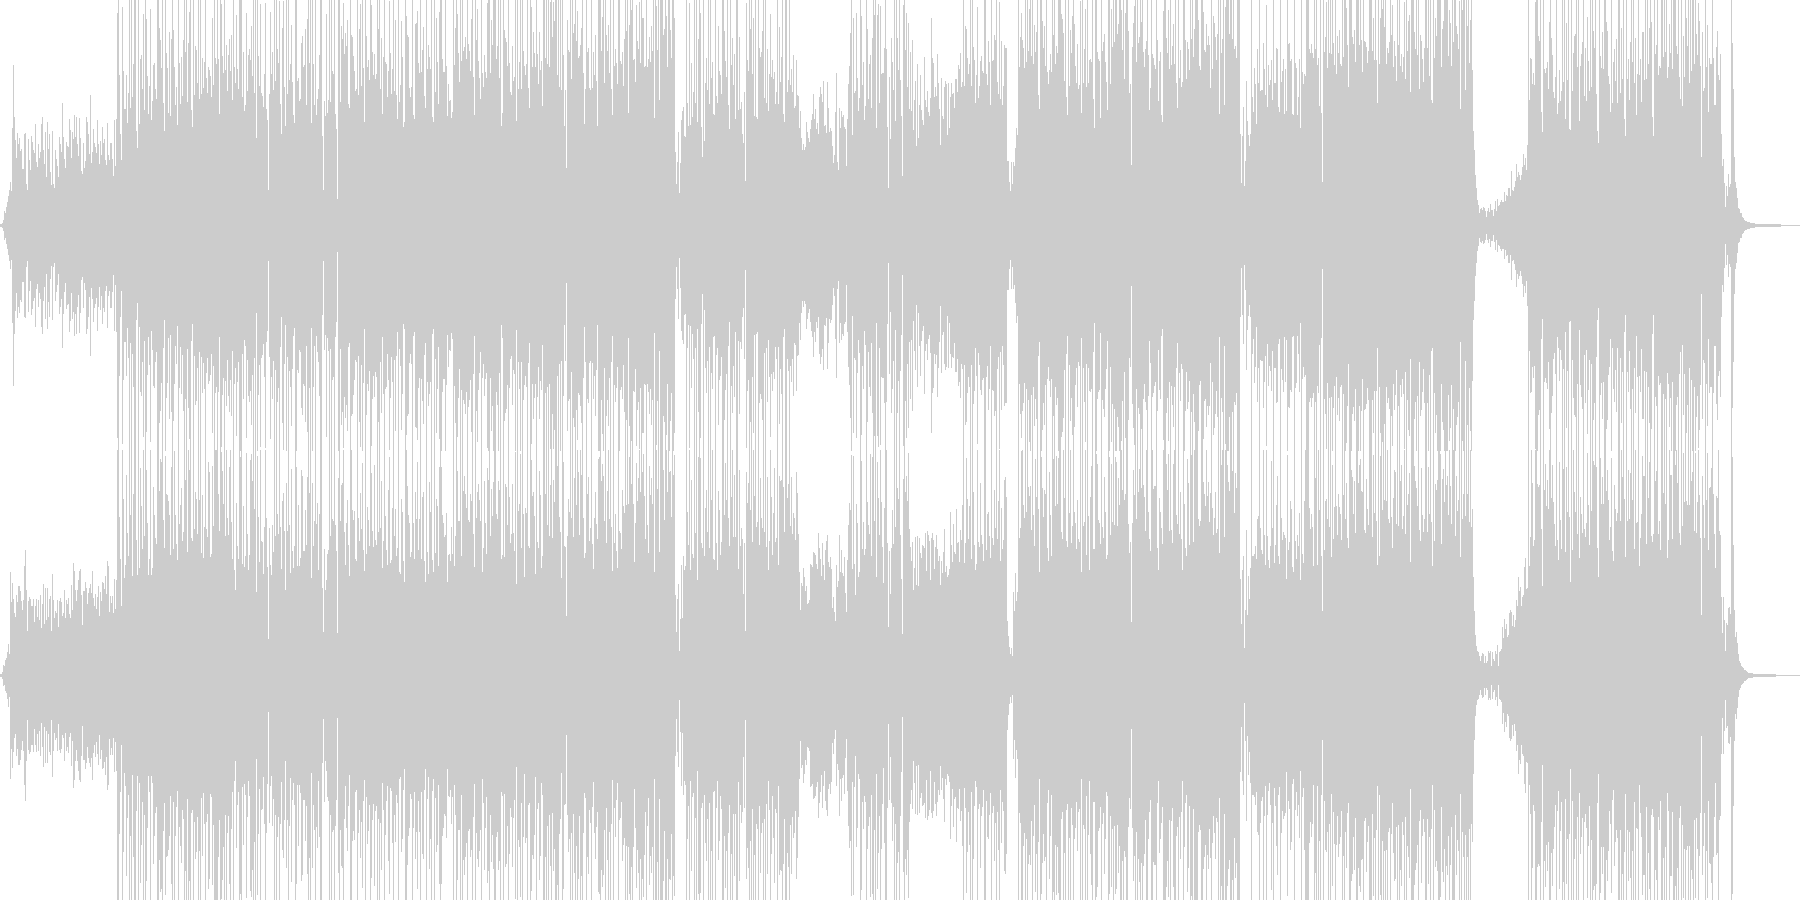 胸キュン・可愛い雰囲気のポップス 長尺+の未再生の波形